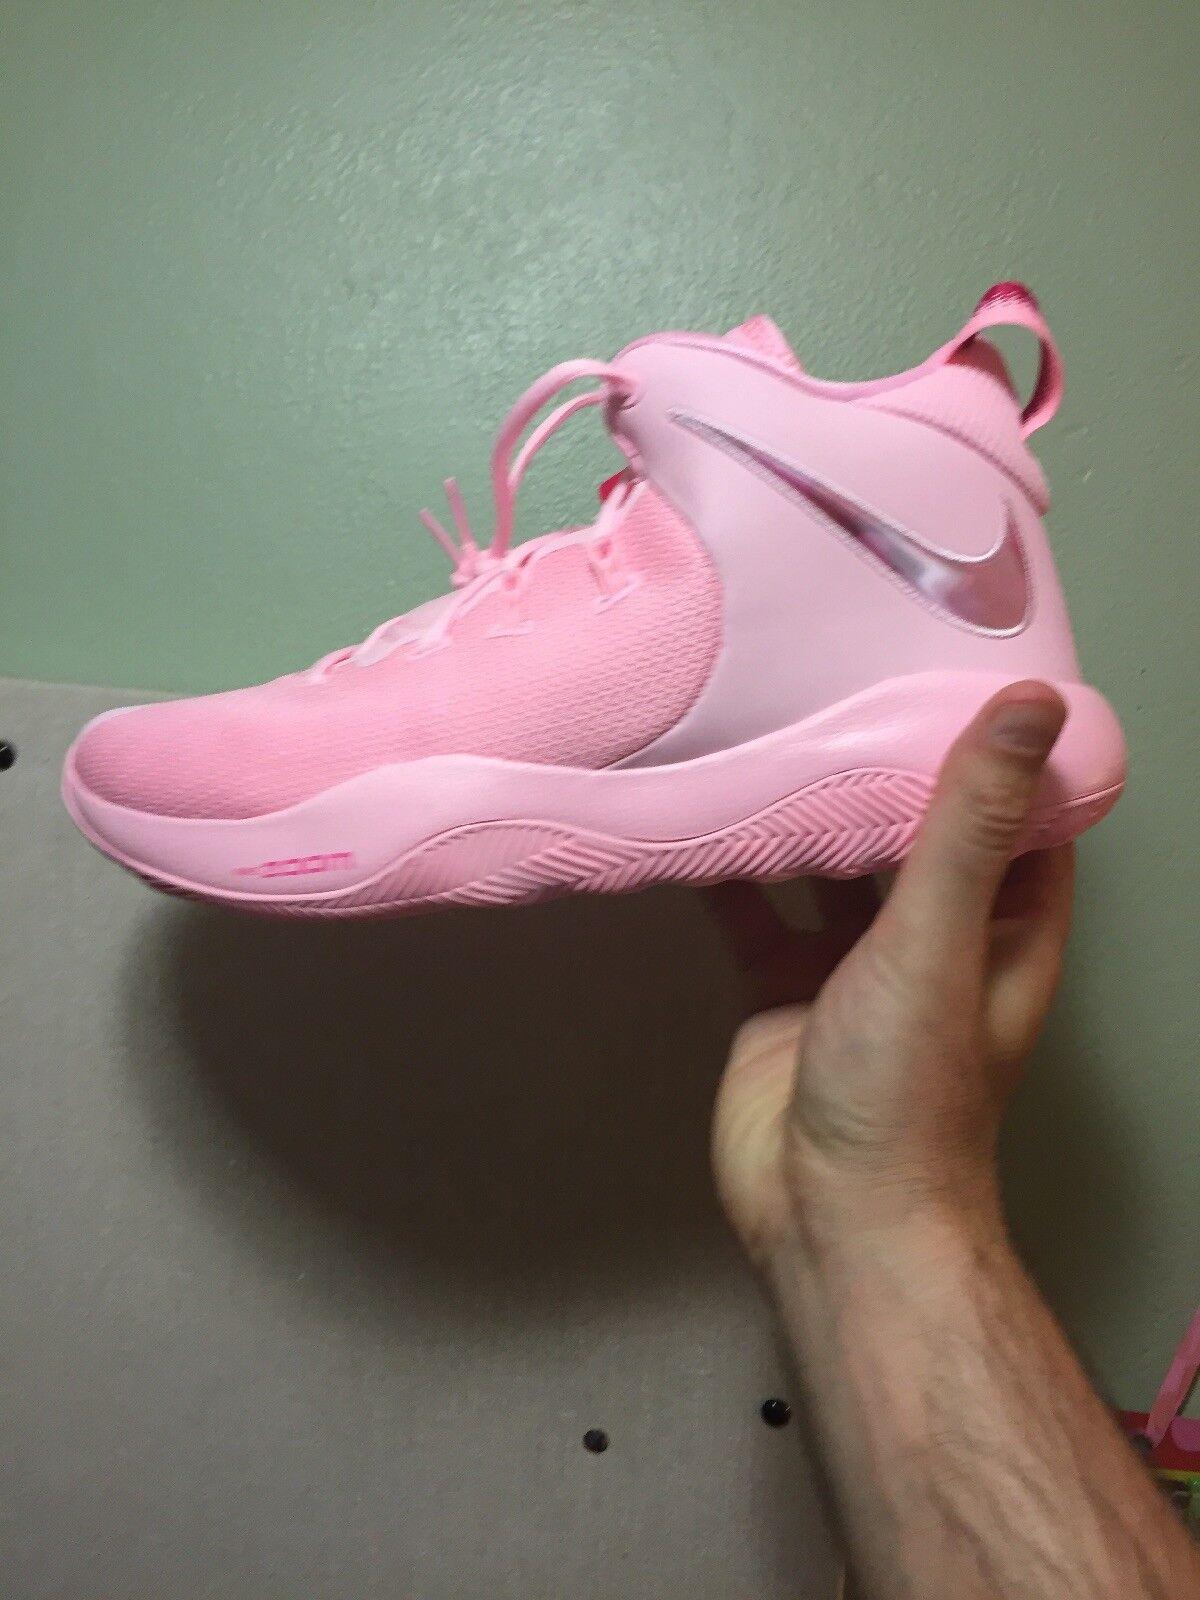 b7bb40537f5d1 Mens Nike Zoom Rev Rev Rev II TB Promo Breast Cancer Size 8 (AJ7718 ...